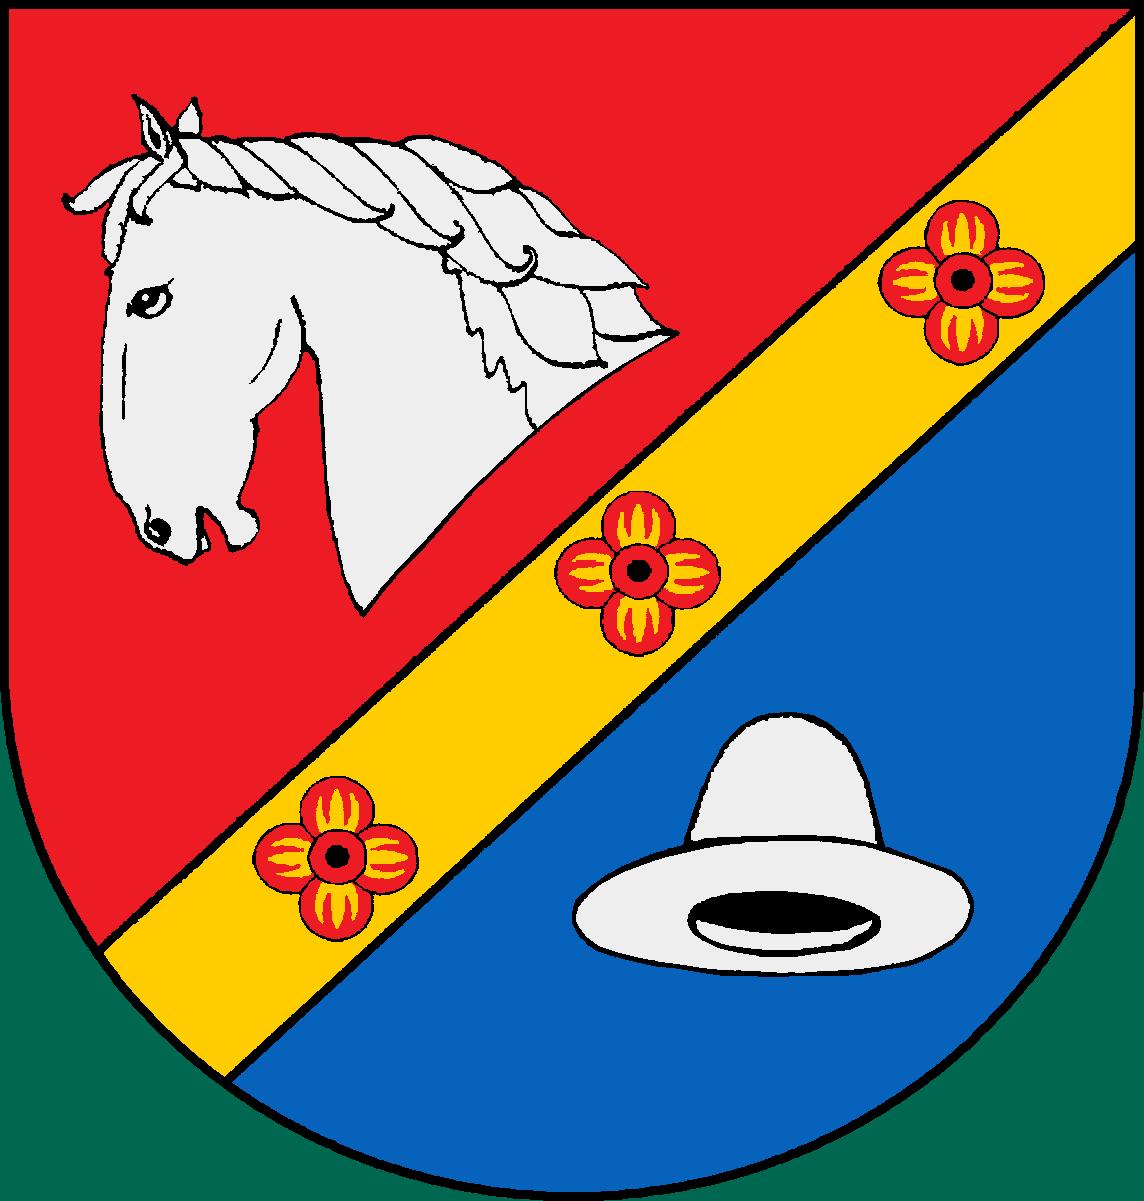 Hattstedt